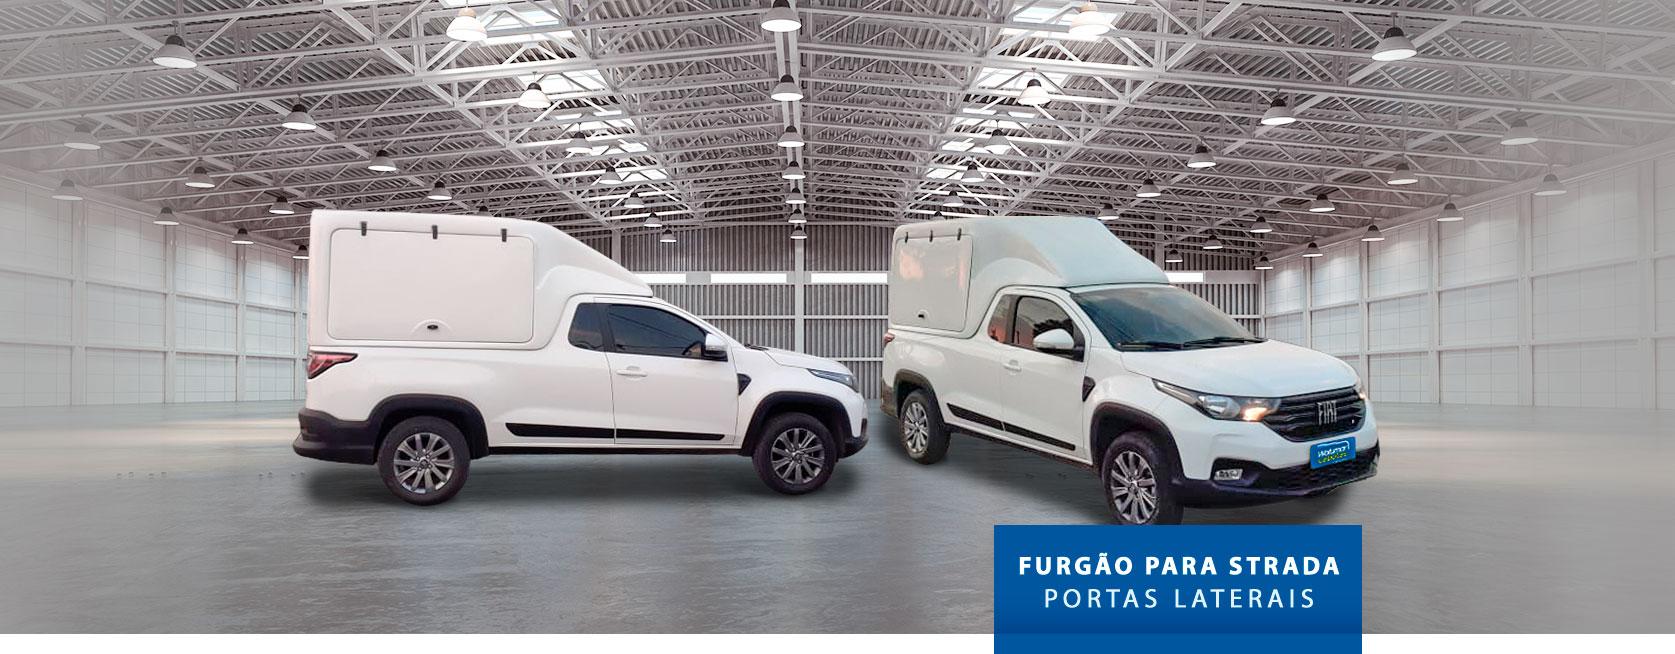 Furgão Portas Laterais - Capota de Fibra Fiat Strada 2020/21